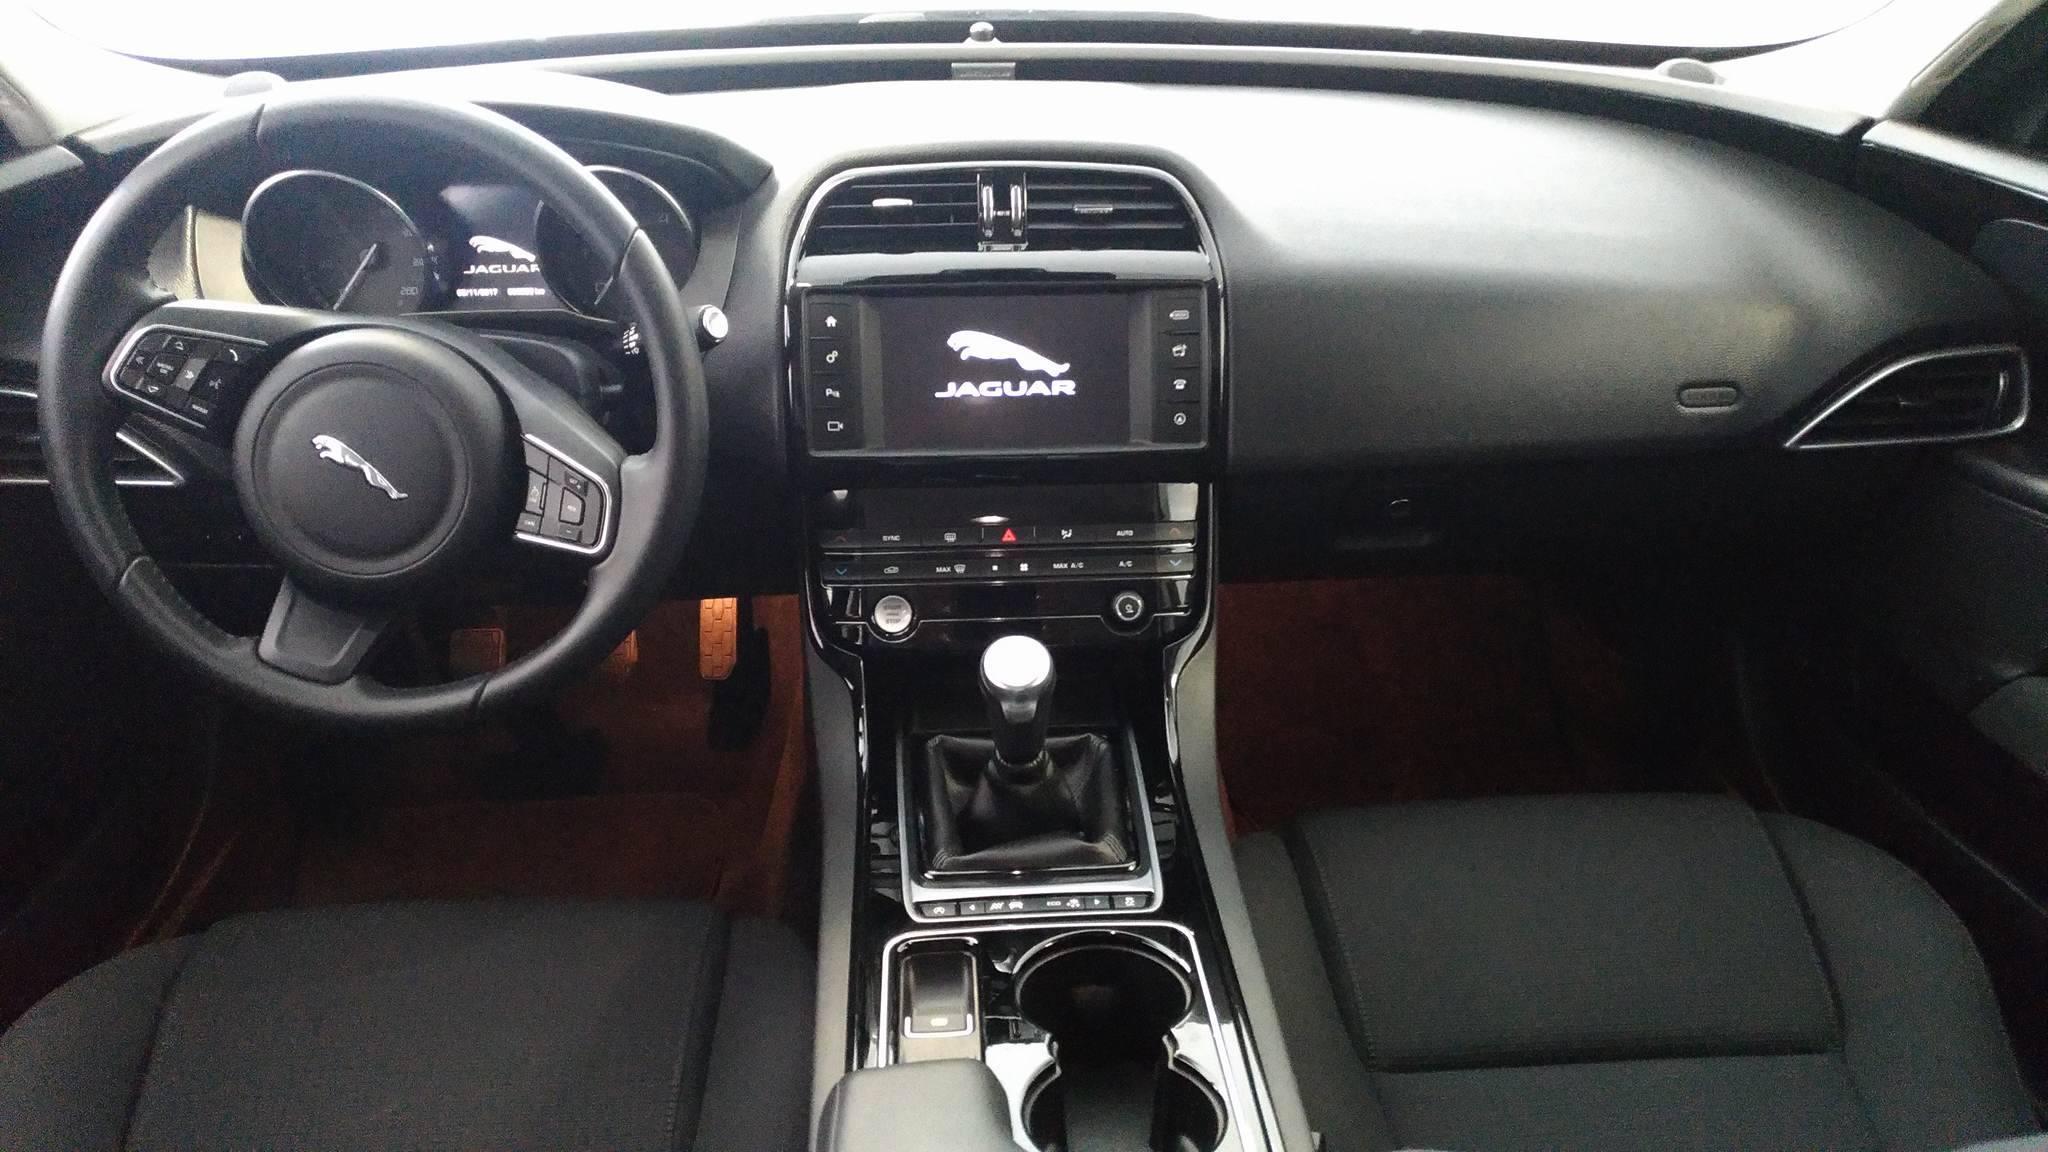 Jaguar Xe 2.0 D 163chegar Pure Clima